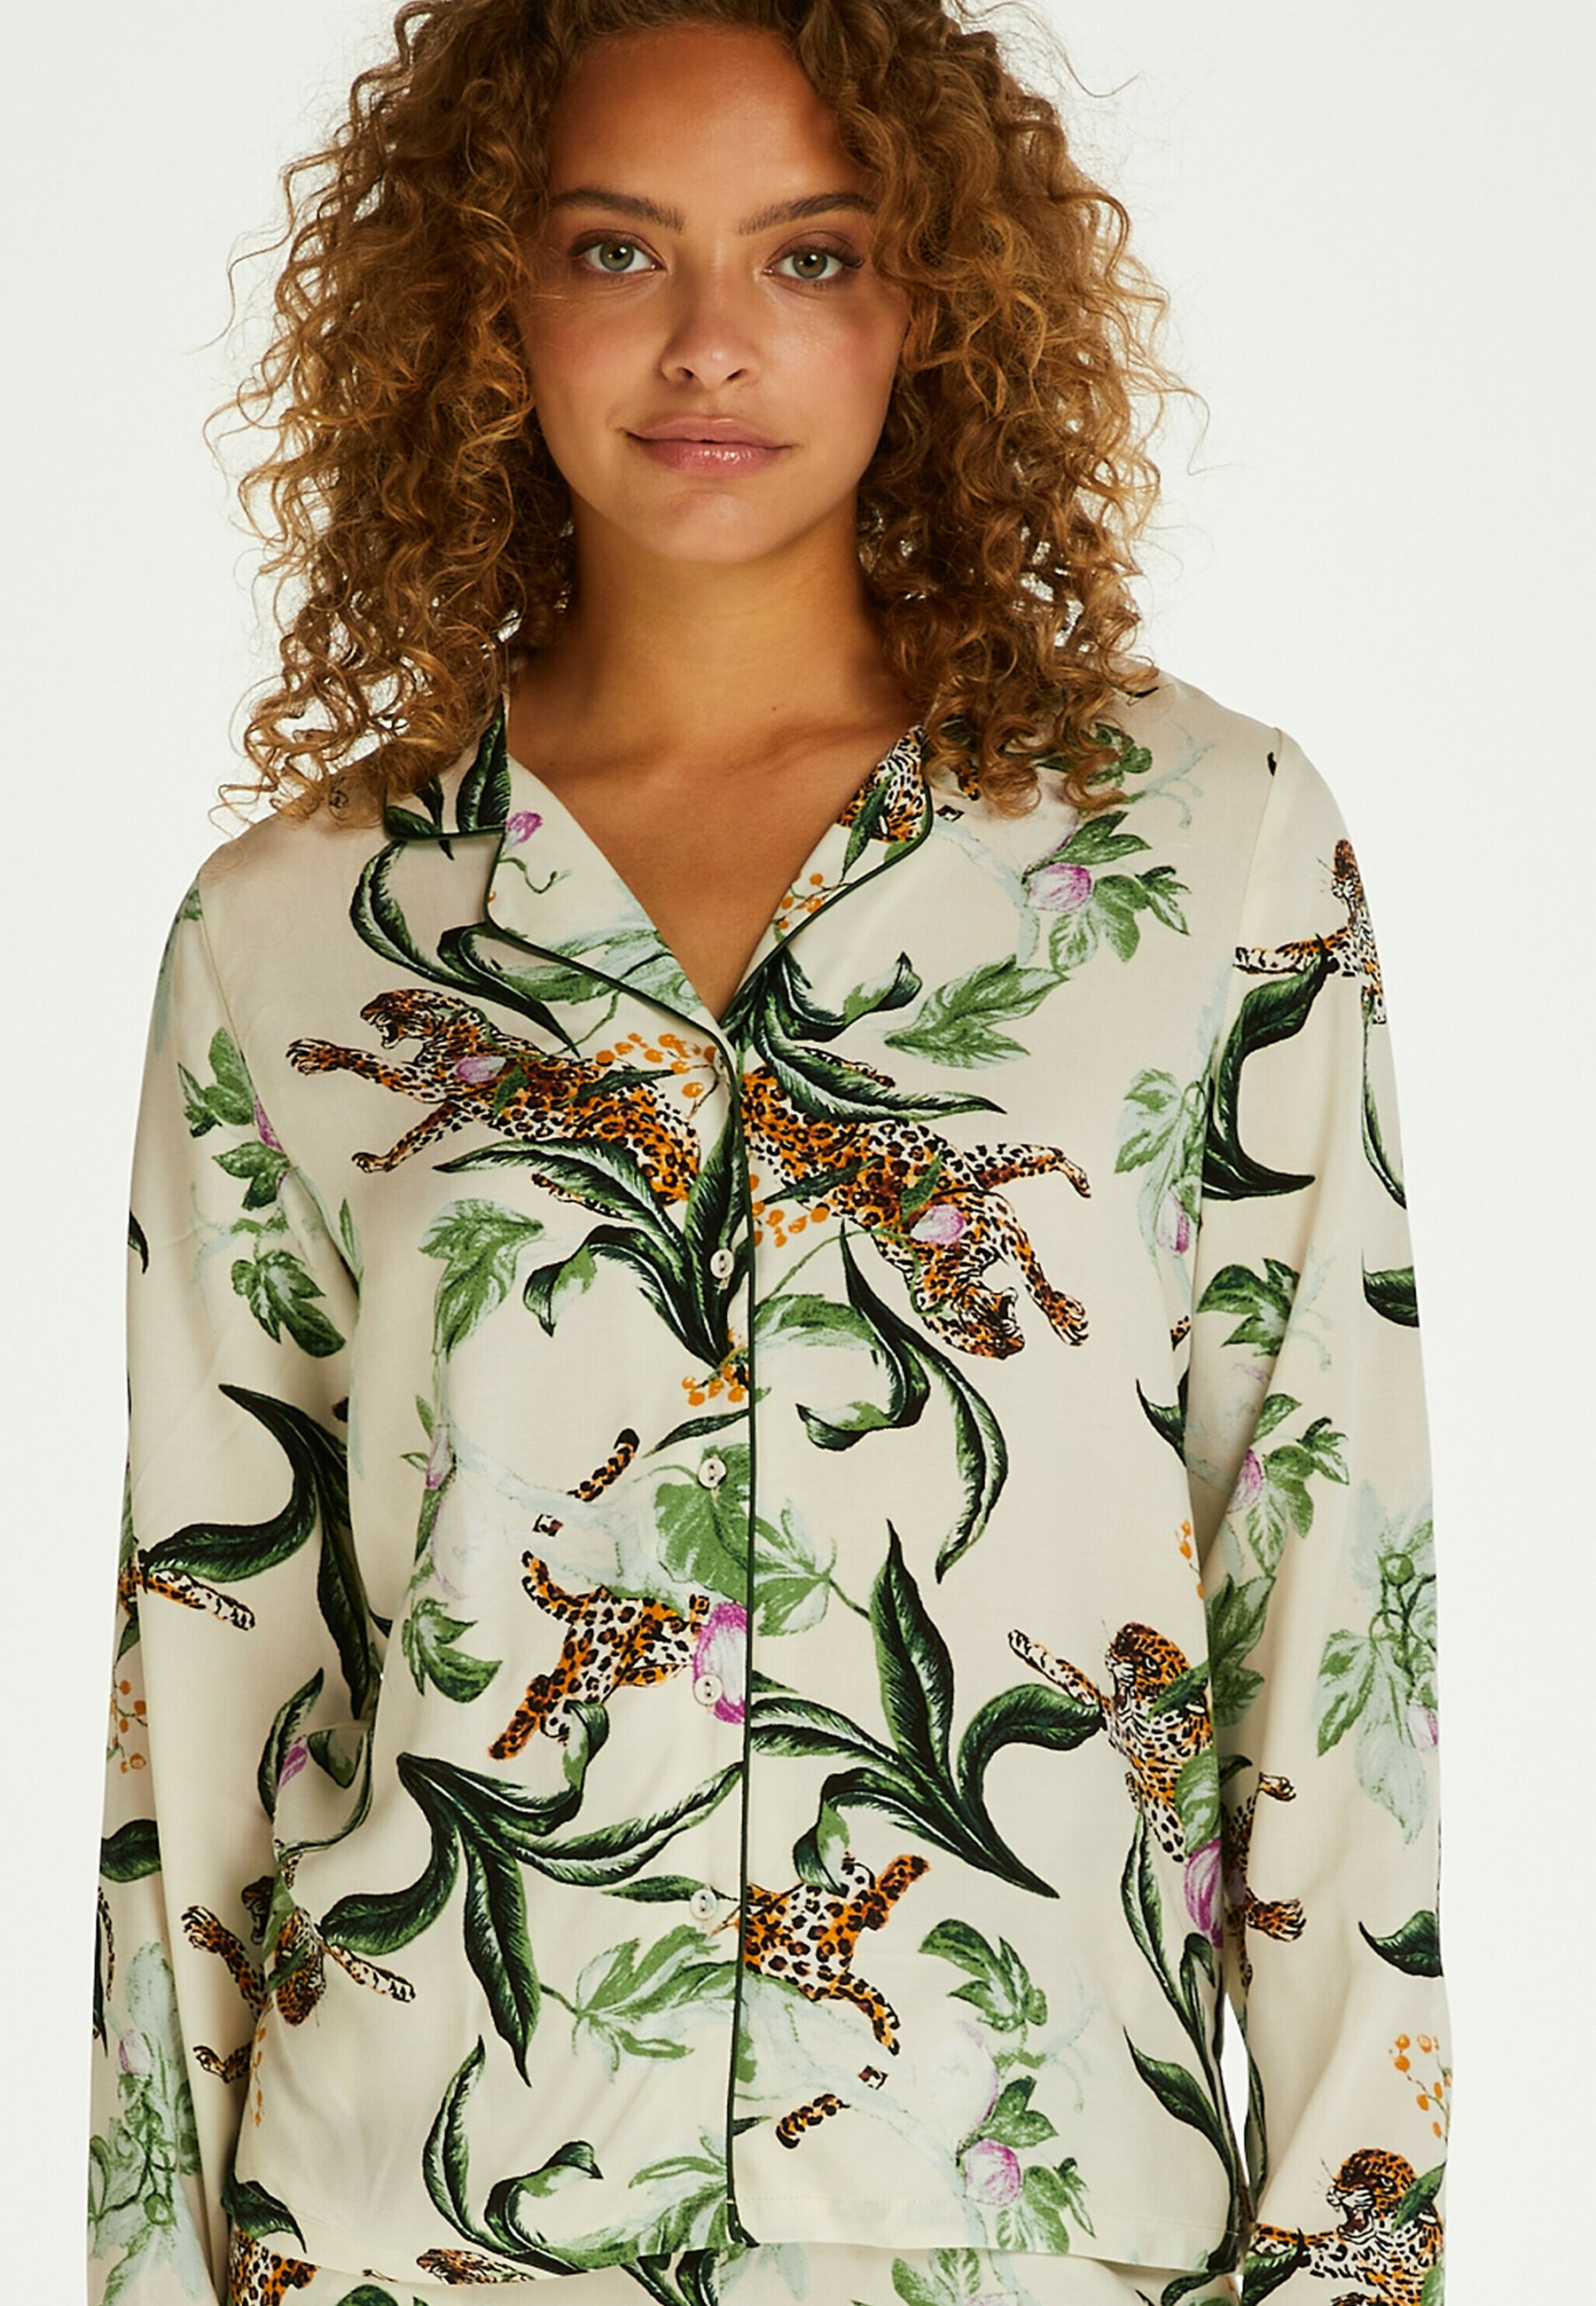 Damen LANGÄRMELIG DRAGONFLY - Nachtwäsche Shirt